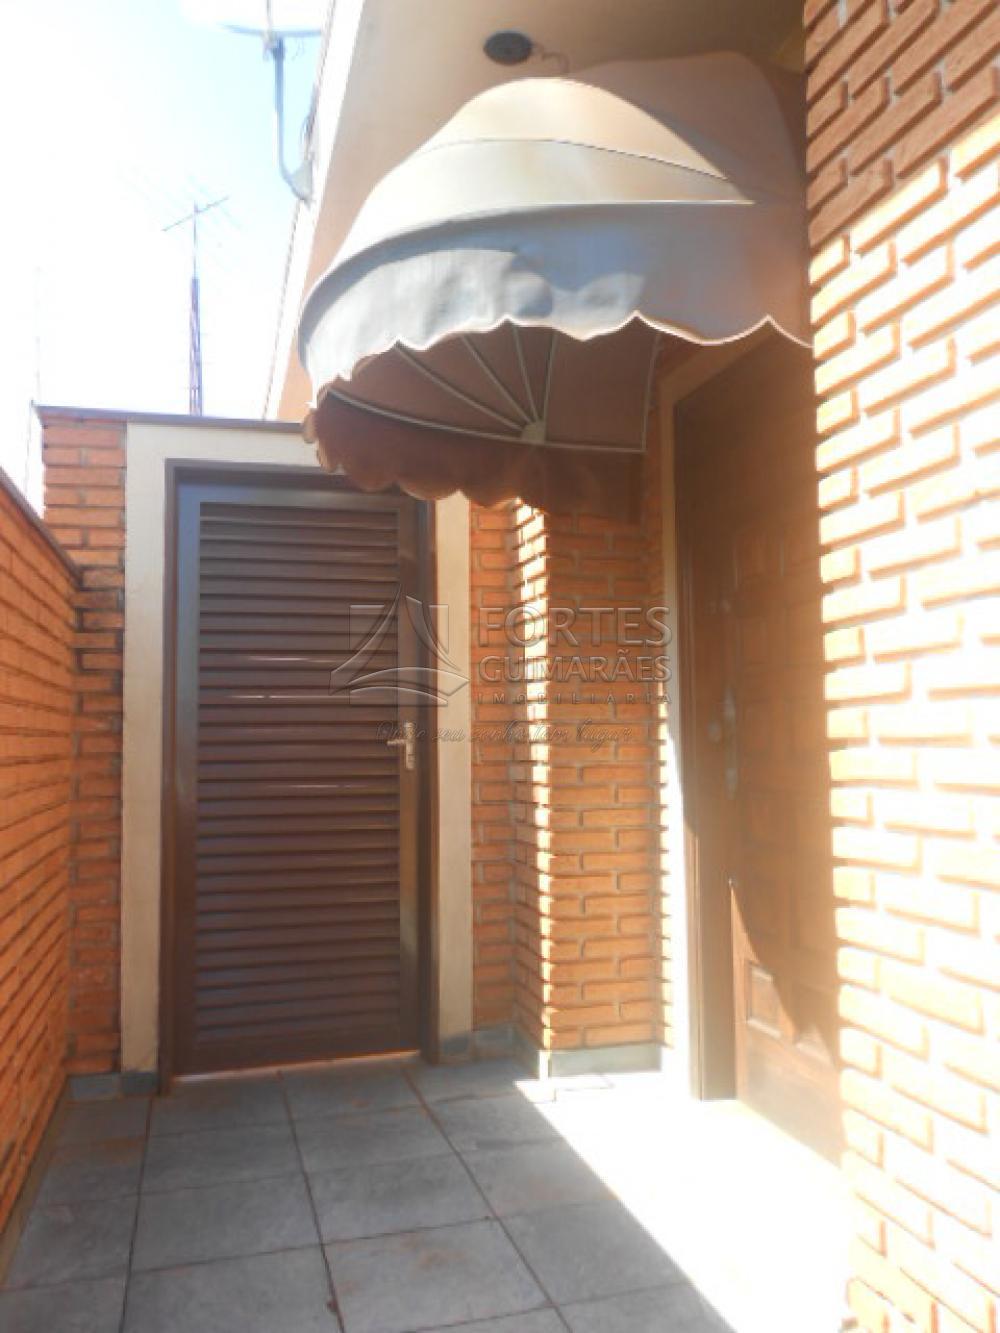 Alugar Casas / Padrão em Ribeirão Preto apenas R$ 2.500,00 - Foto 11